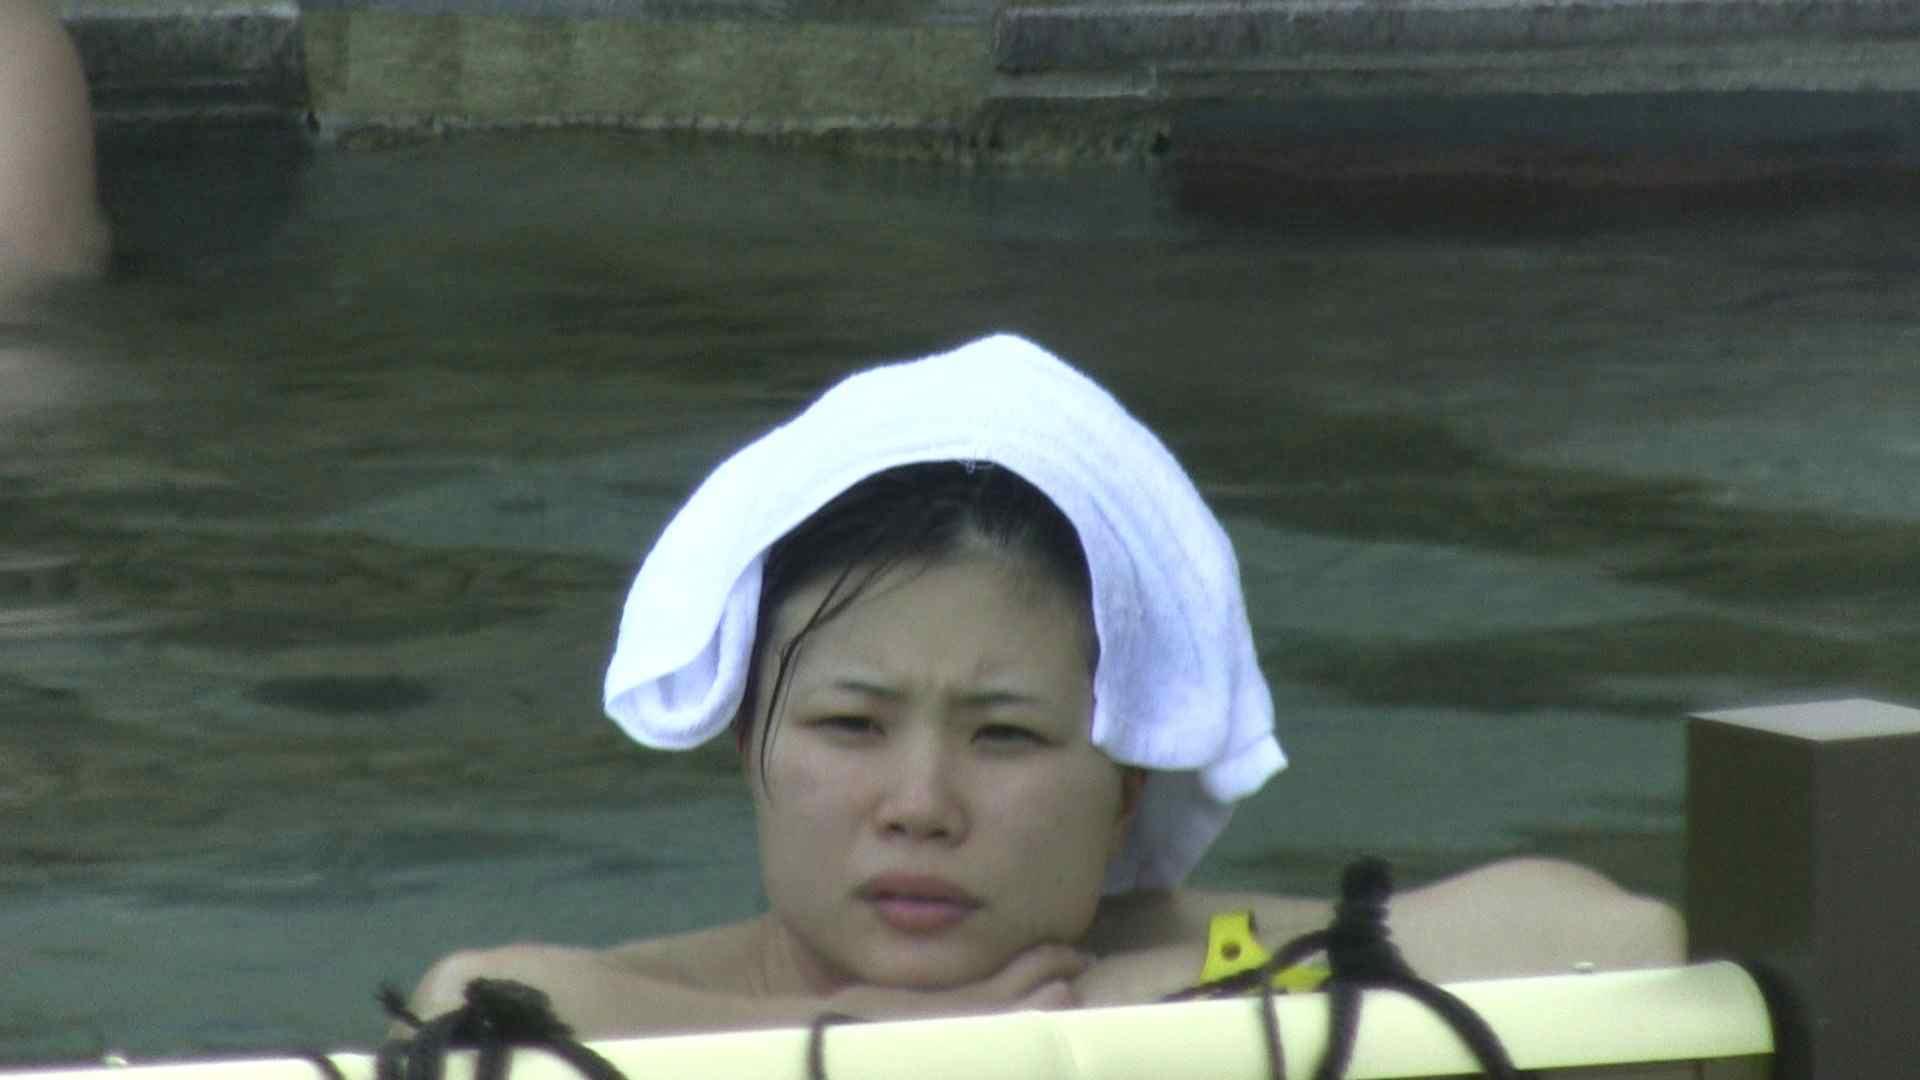 Aquaな露天風呂Vol.183 露天 オメコ動画キャプチャ 69画像 23